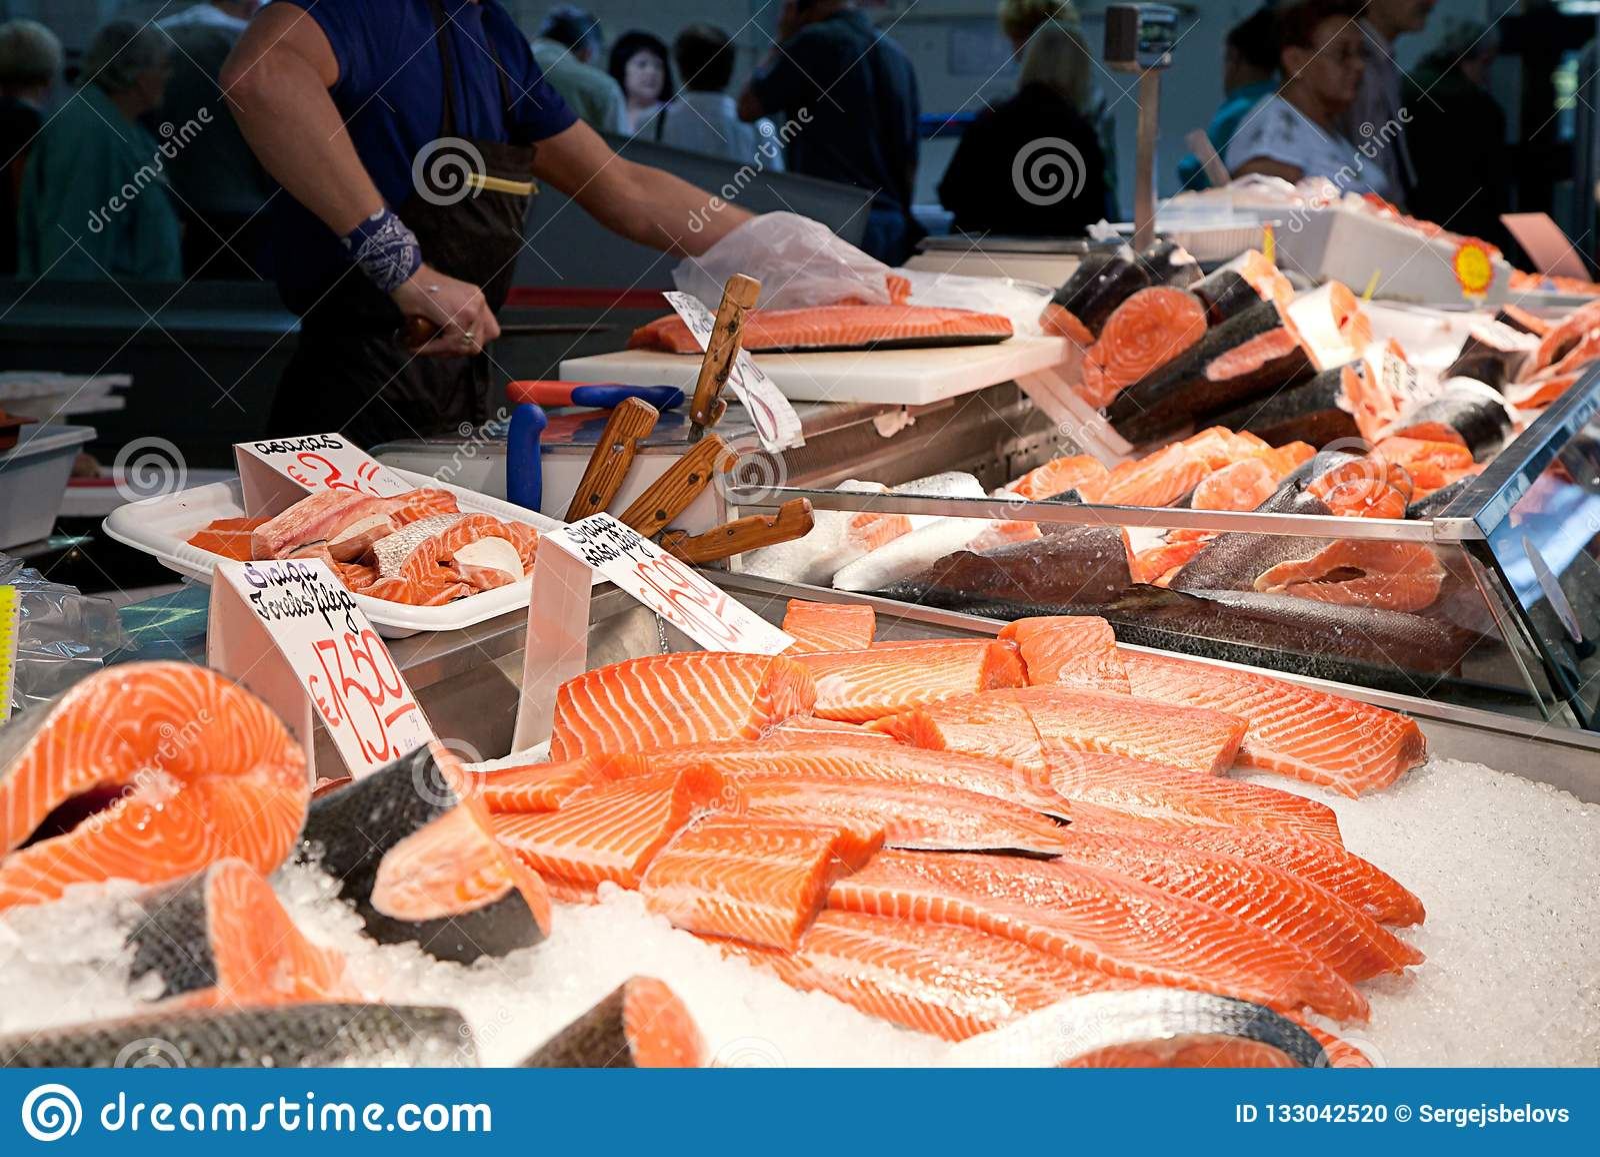 Fiskmarknad, ny fisk i gatamarknad, ny fisk, social fråga, marknad för fiskmarknadsgata